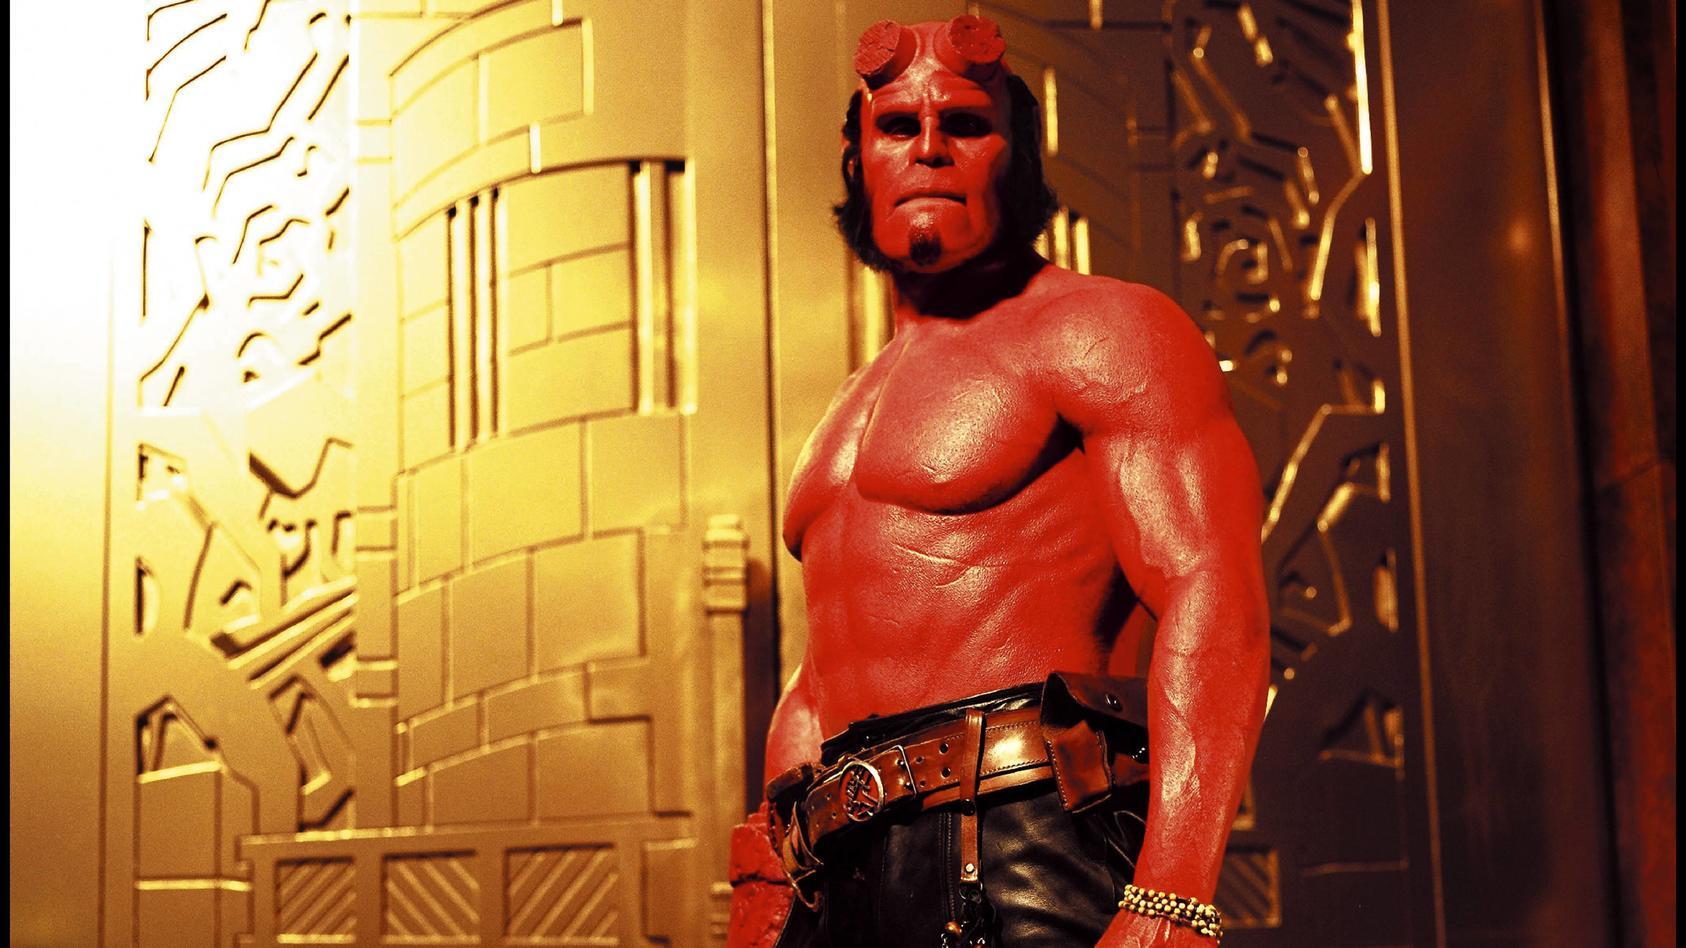 Der Mann aus dem Video teilt die rote Färbung mit Hellboy